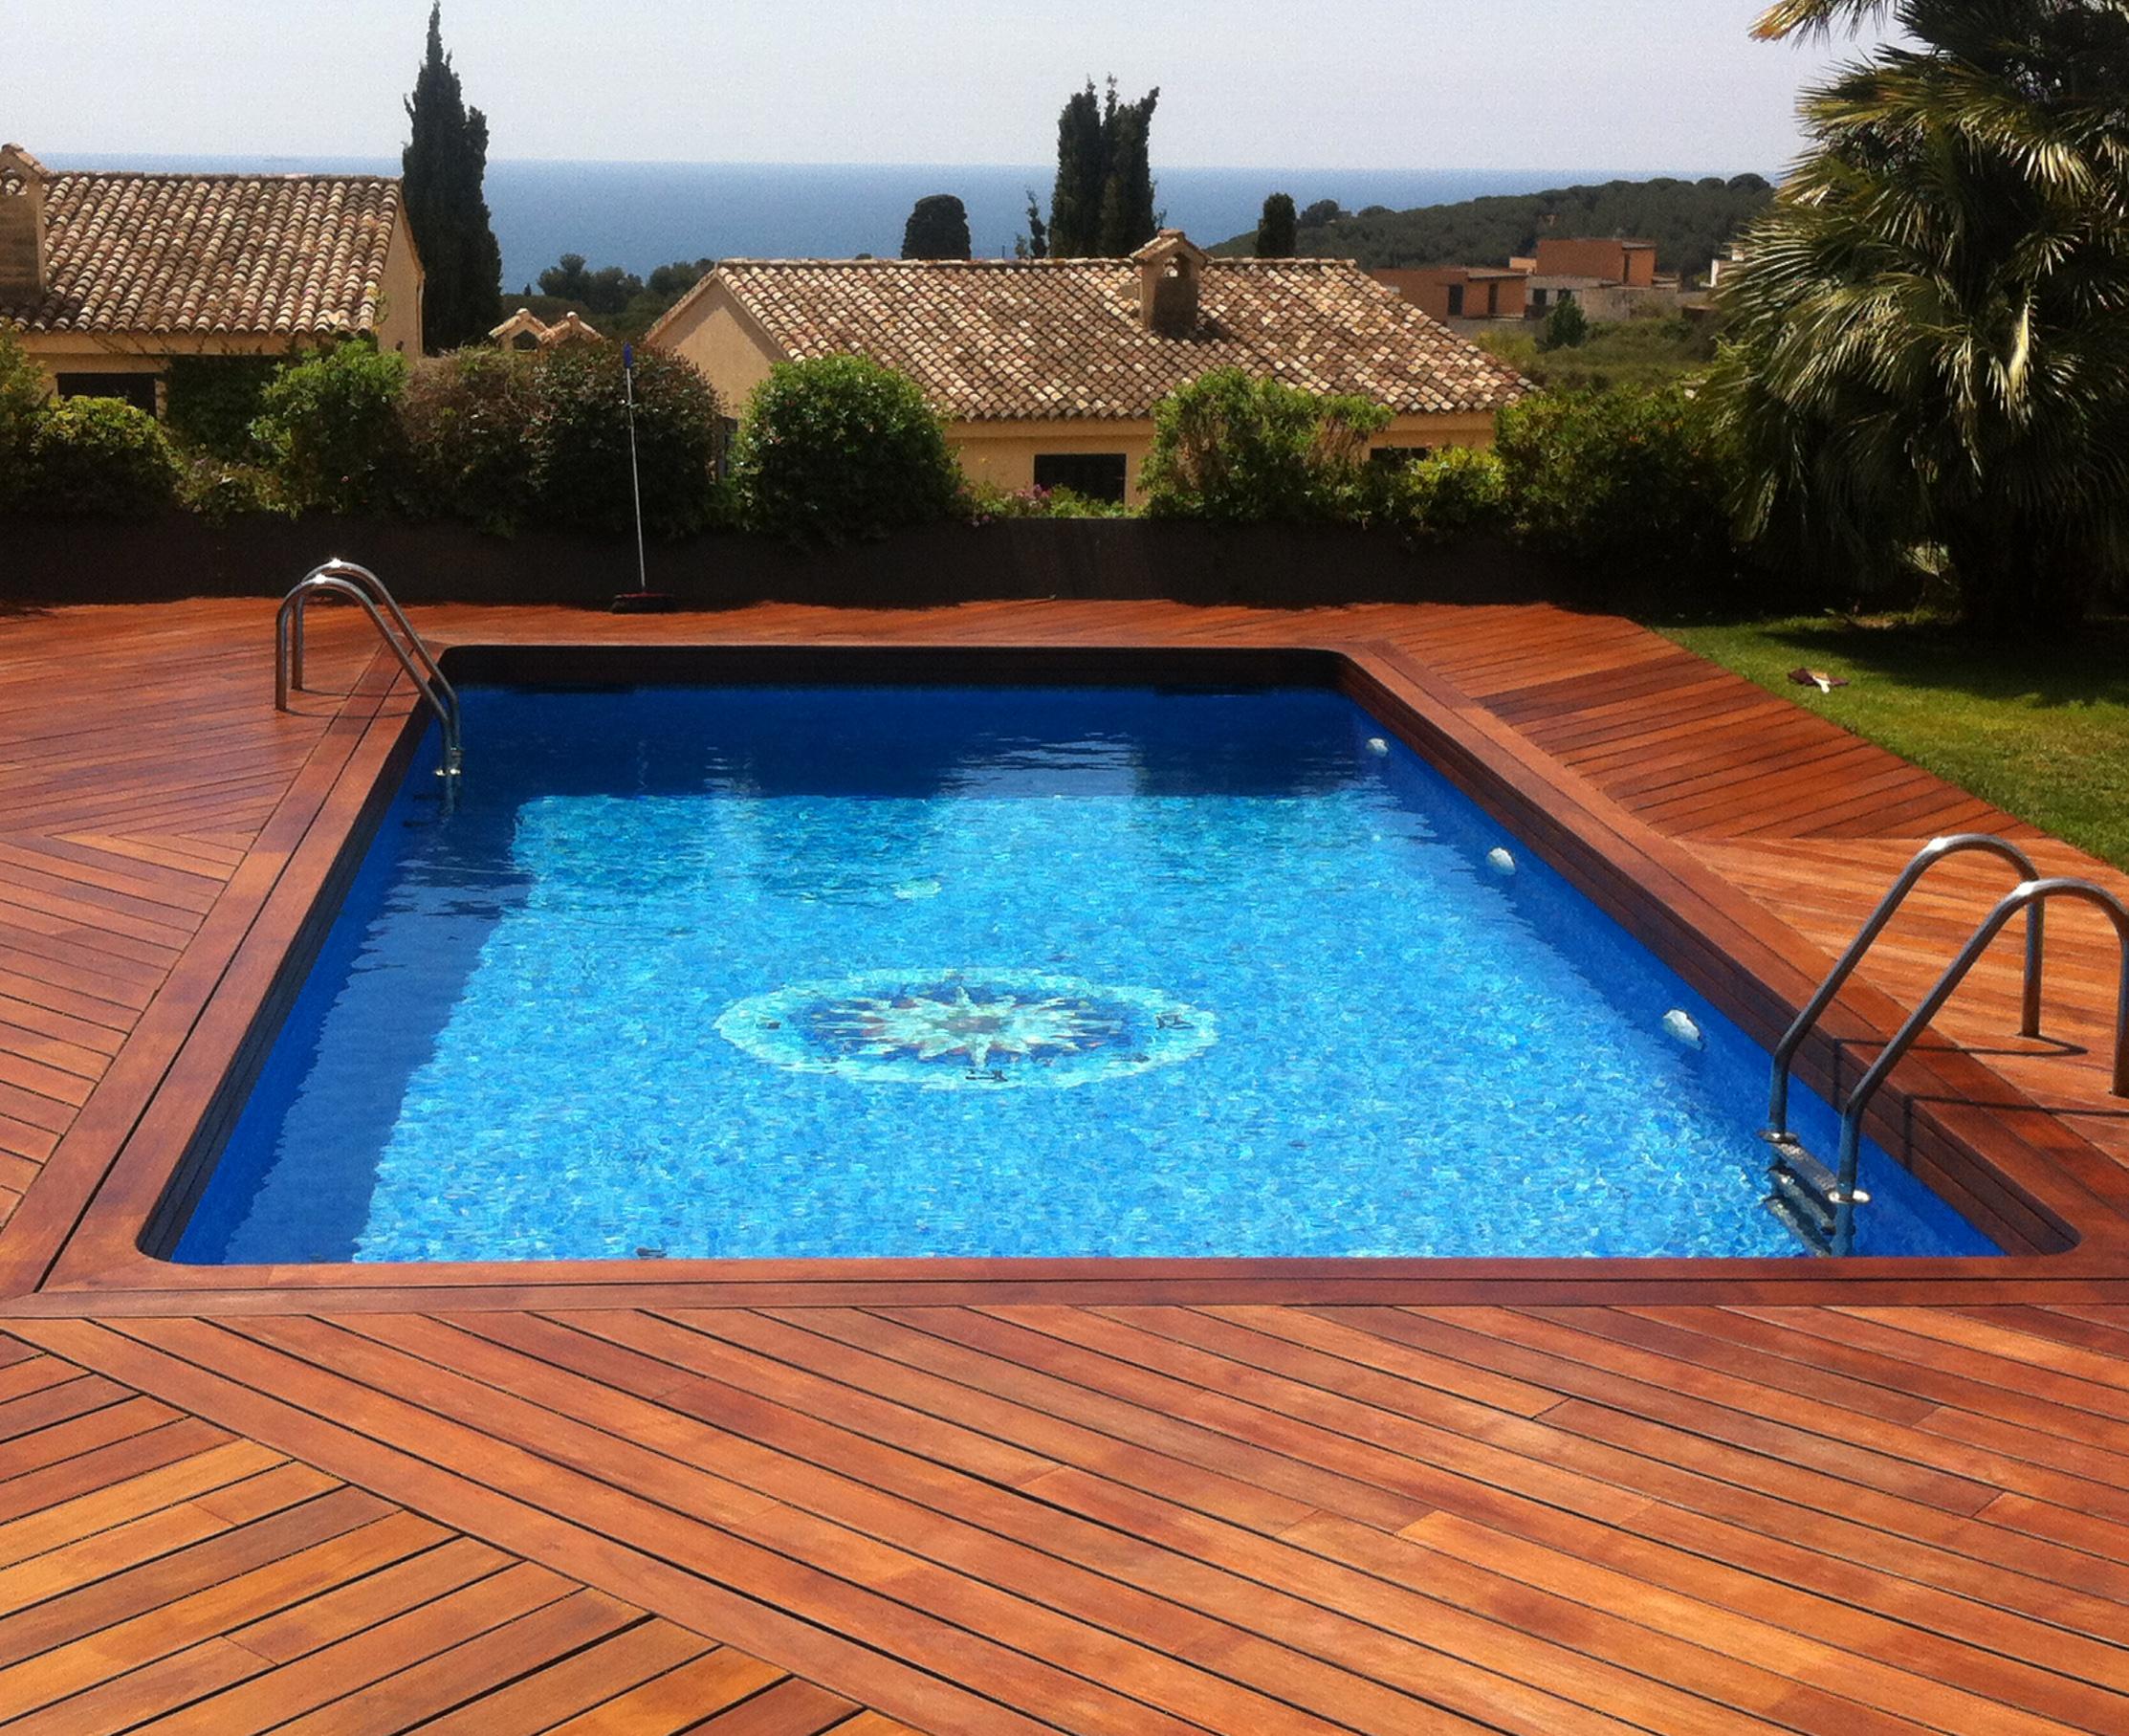 Tipos de piscinas para tu jard n quercus jardiners for Que piscina es mejor